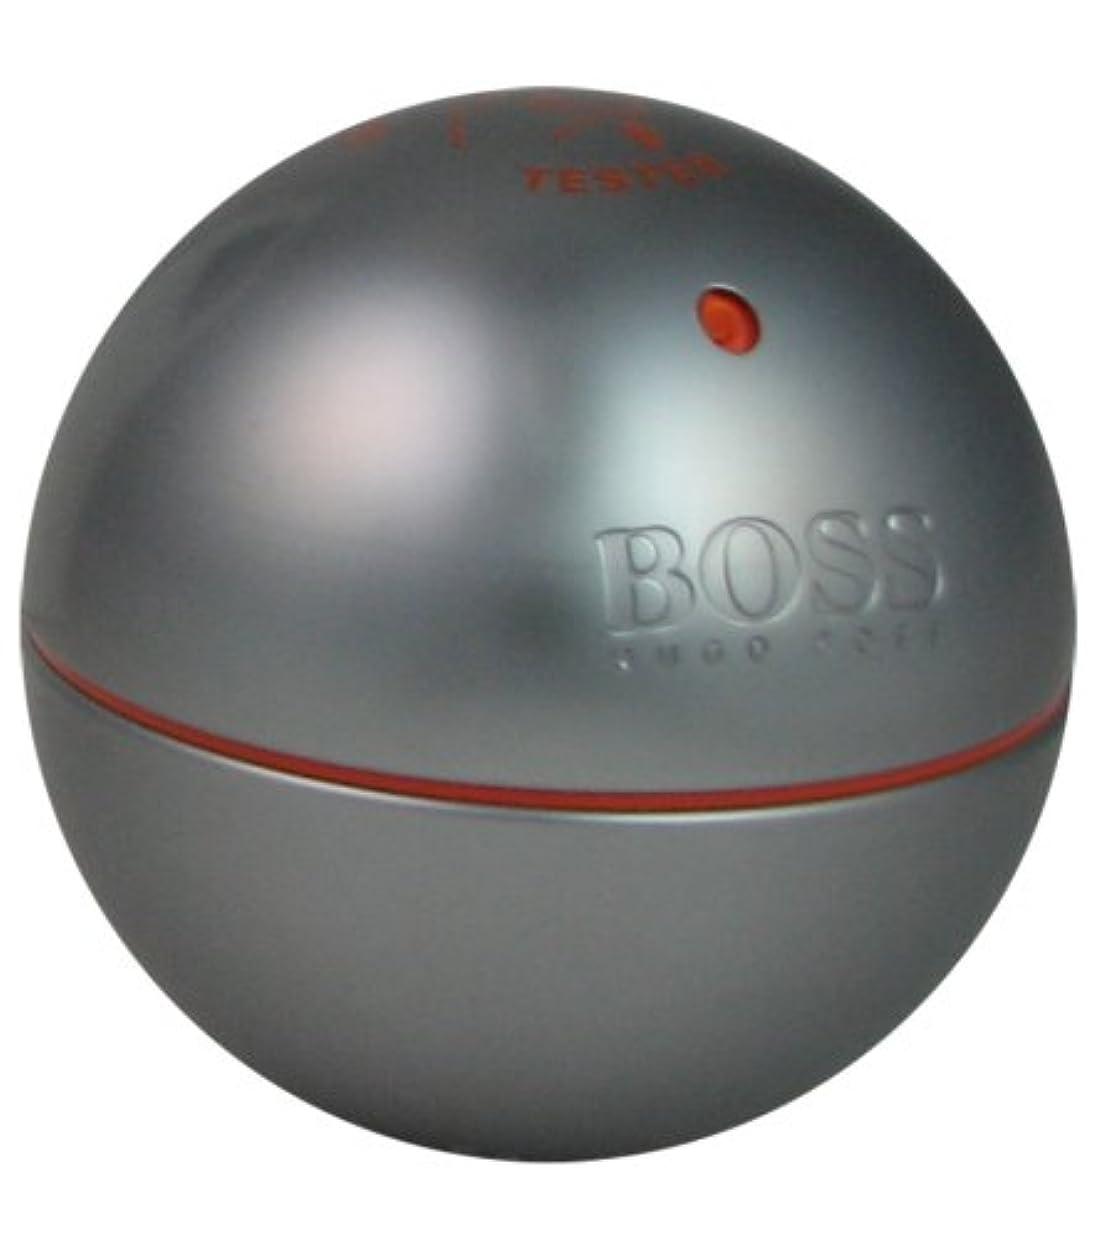 夜間掃くスラックヒューゴ ボス HUGO BOSS ボス インモーション 90ml EDT テスター fs